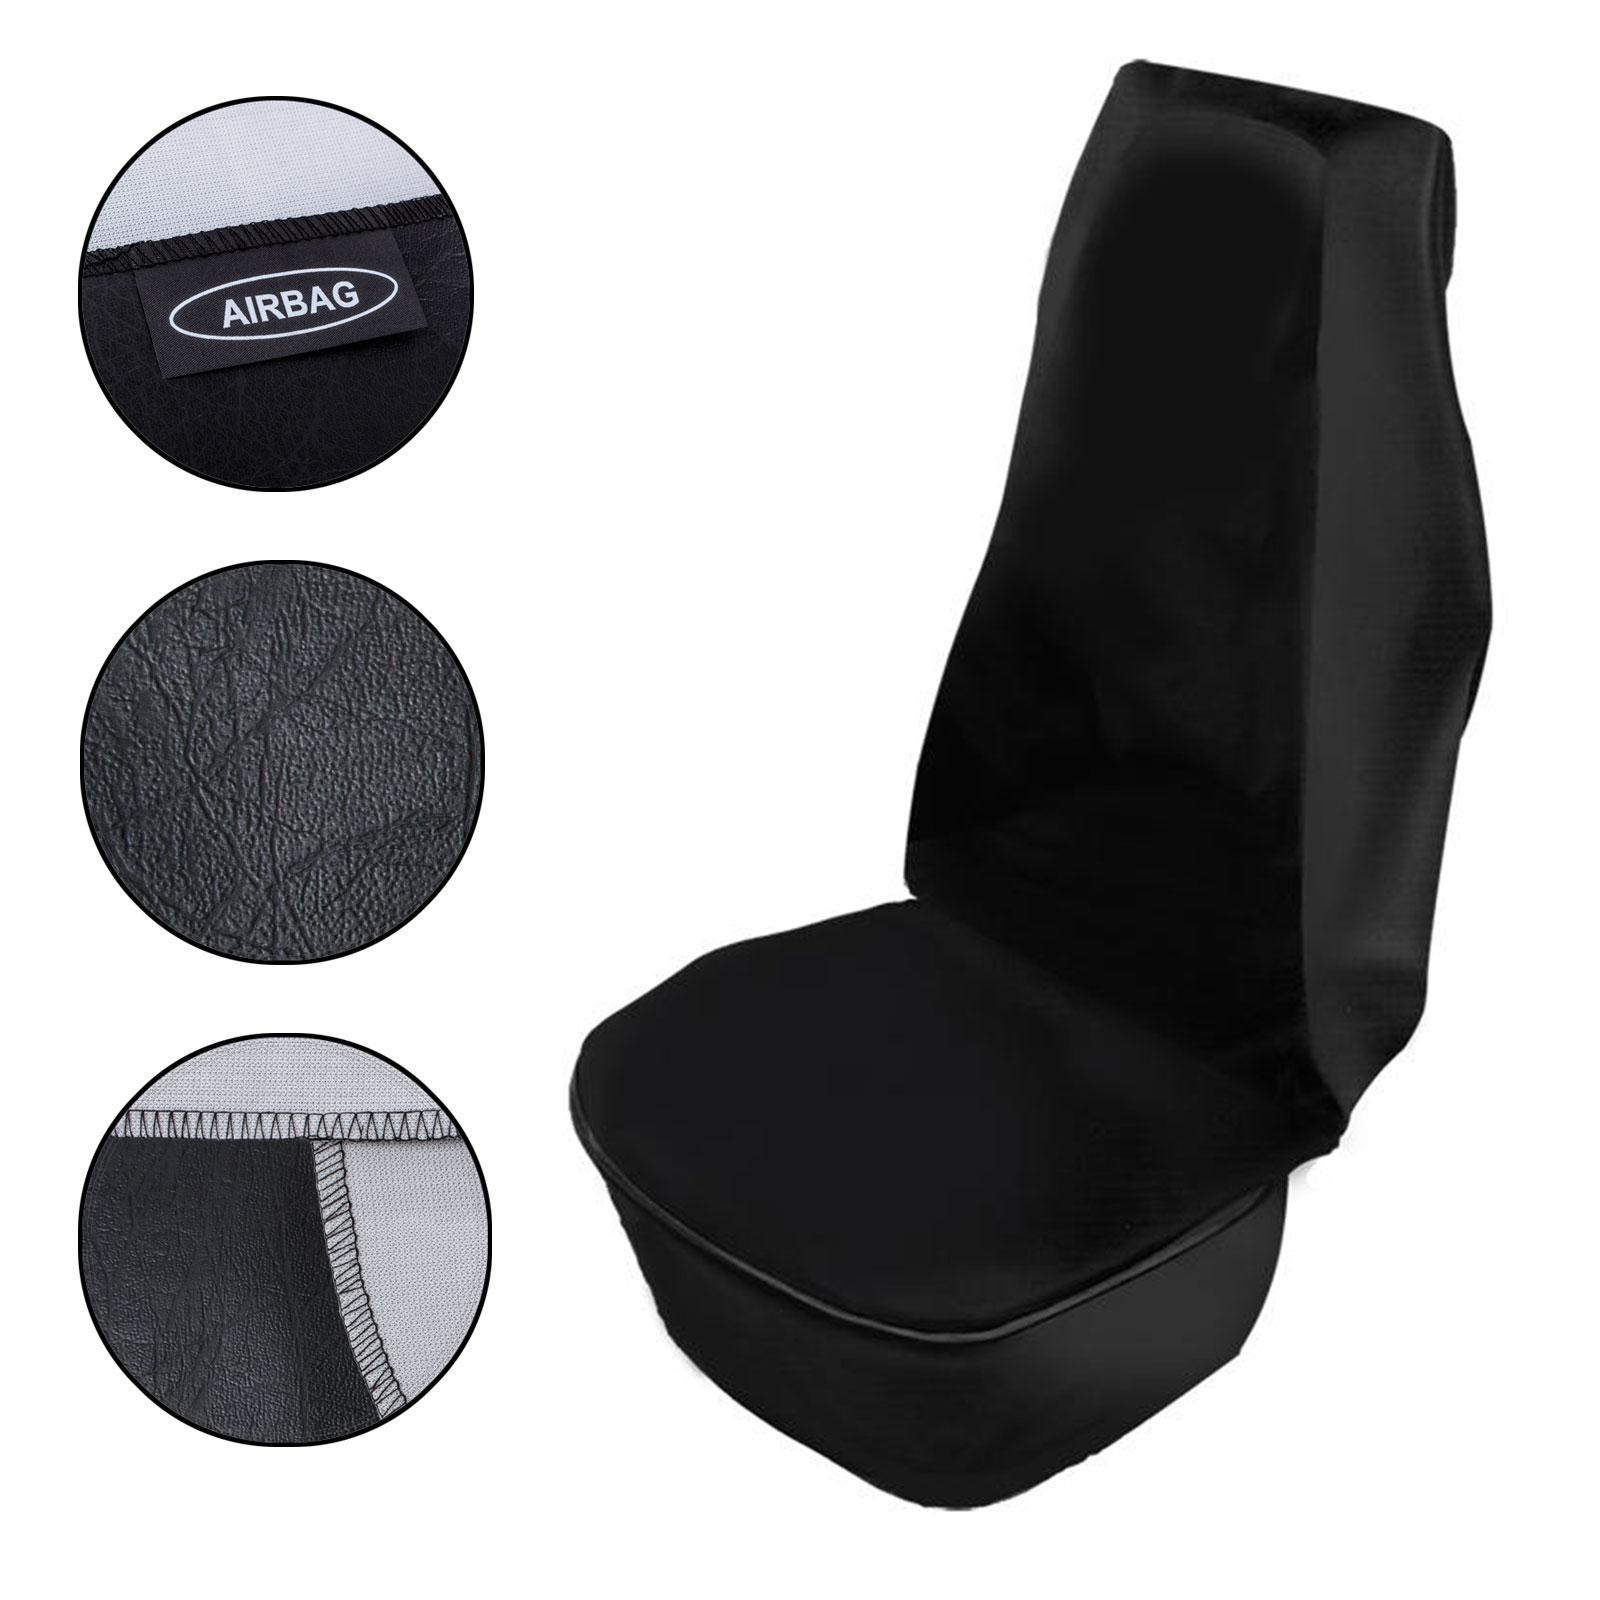 Werkstatt Sitzschoner schwarz Airbag geeignet wasserdicht